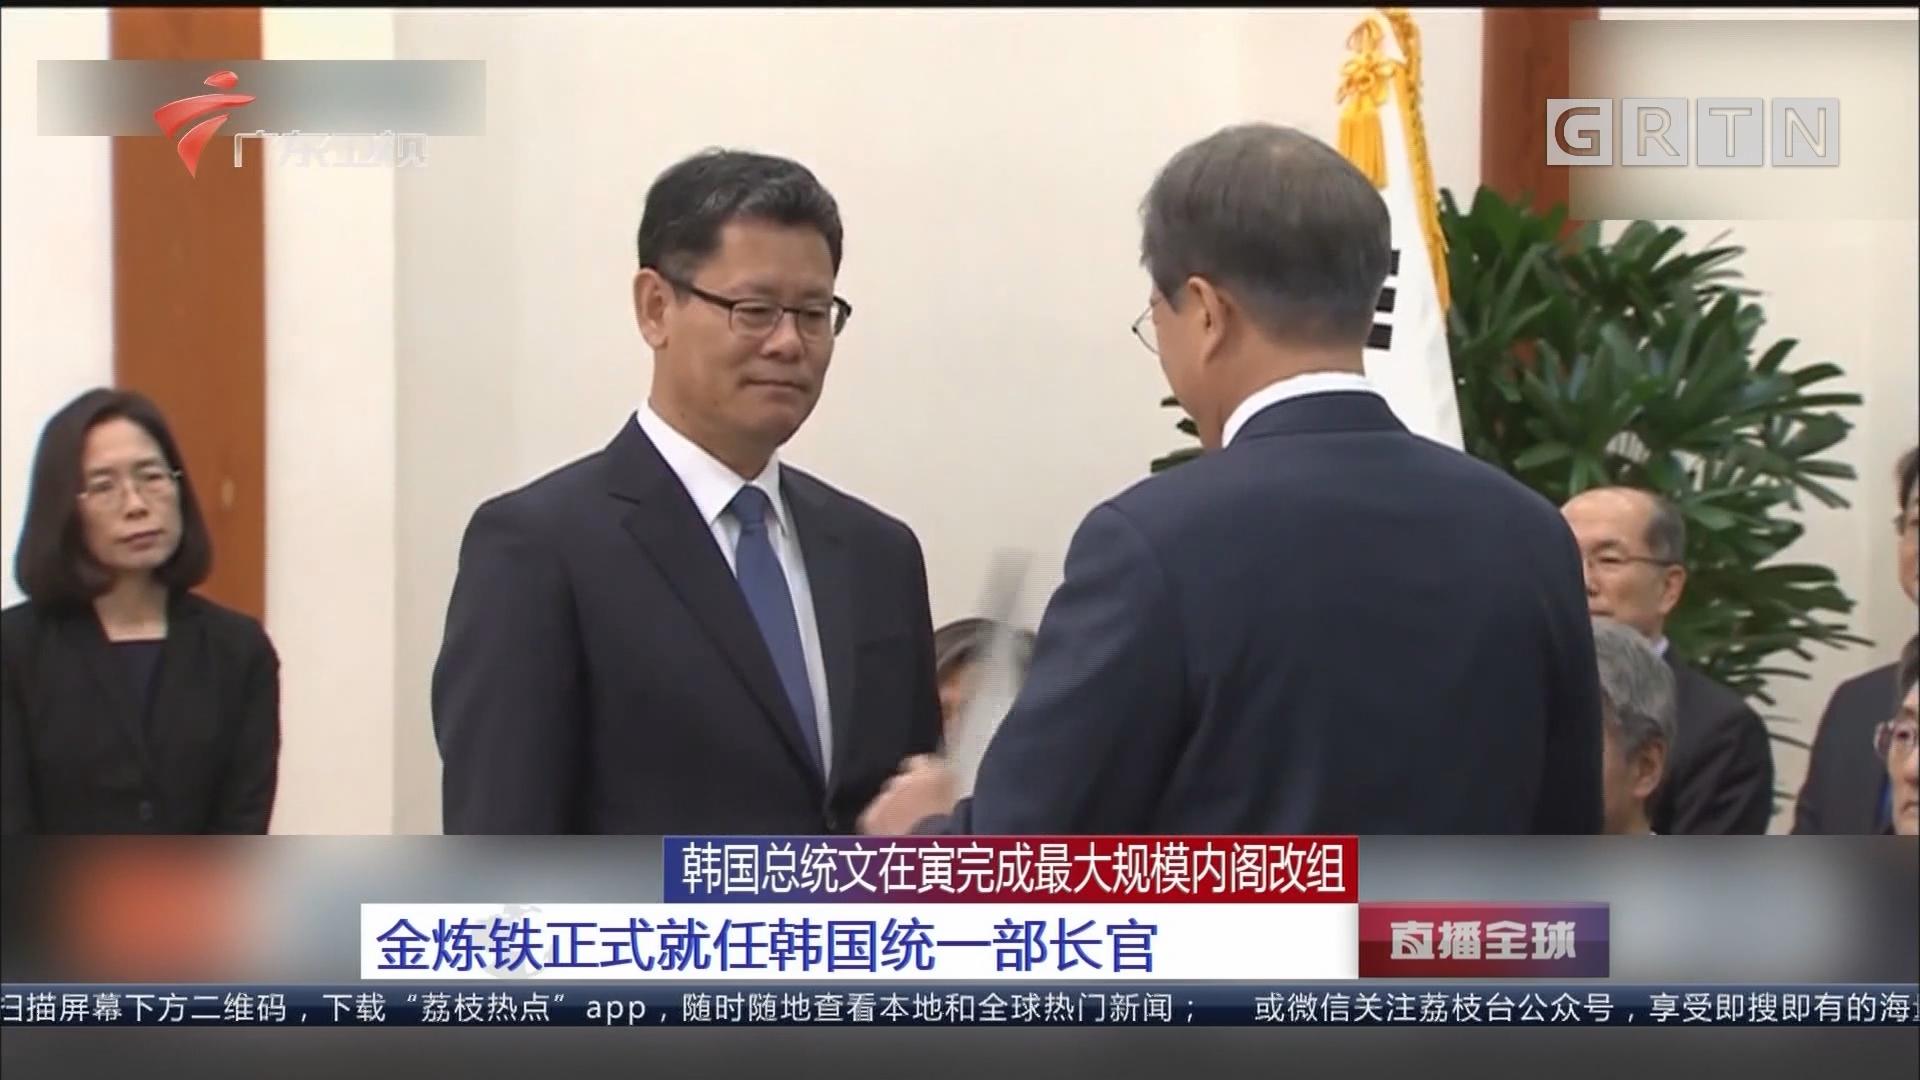 韩国总统文在寅完成最大规模内阁改组 金炼铁正式就任韩国统一部长官